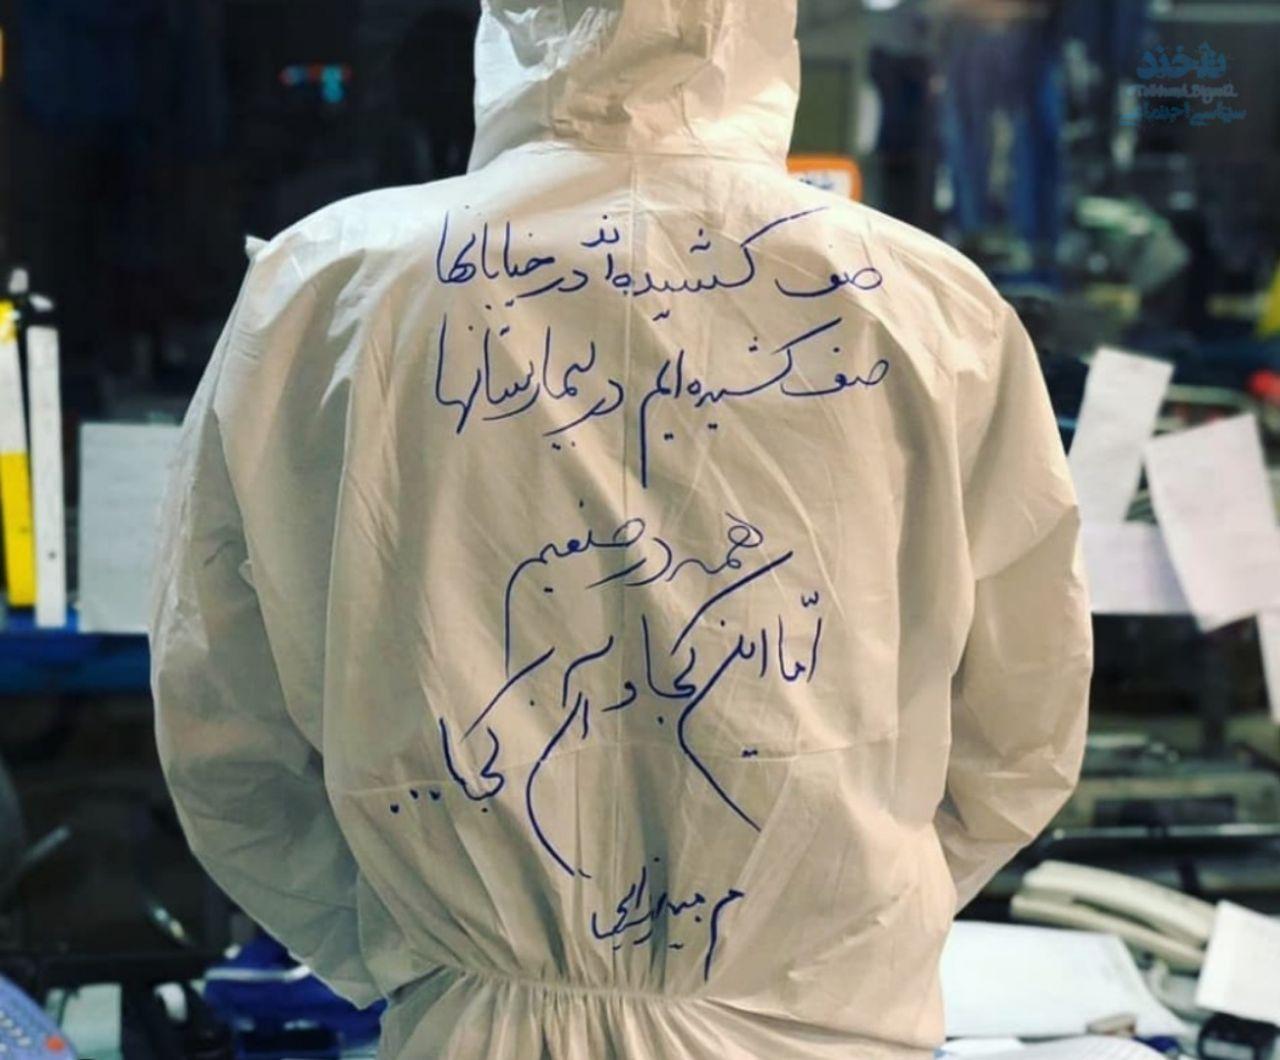 نوشته قابل تامل روی لباس قرنطینه پرستار بیمارستان مسیح دانشوری + عکس